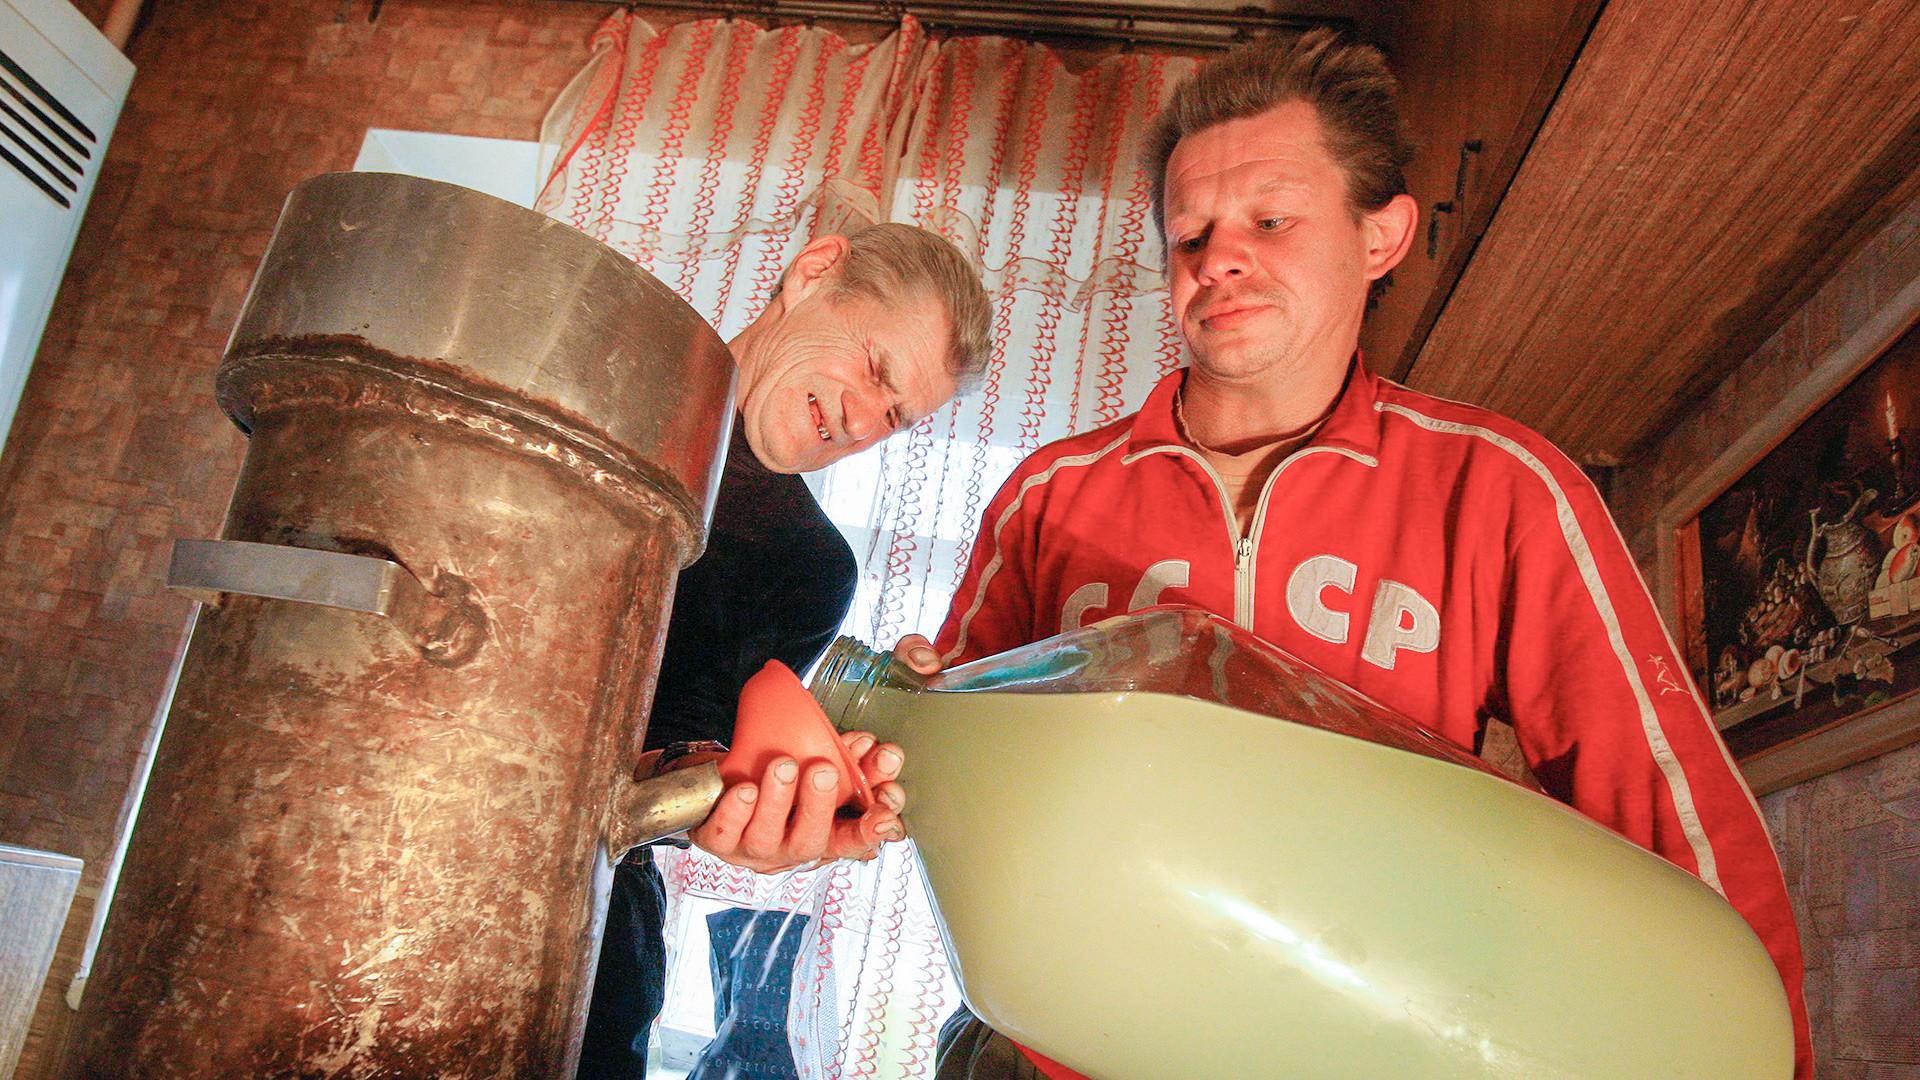 Производња самогона, Ивановска област.